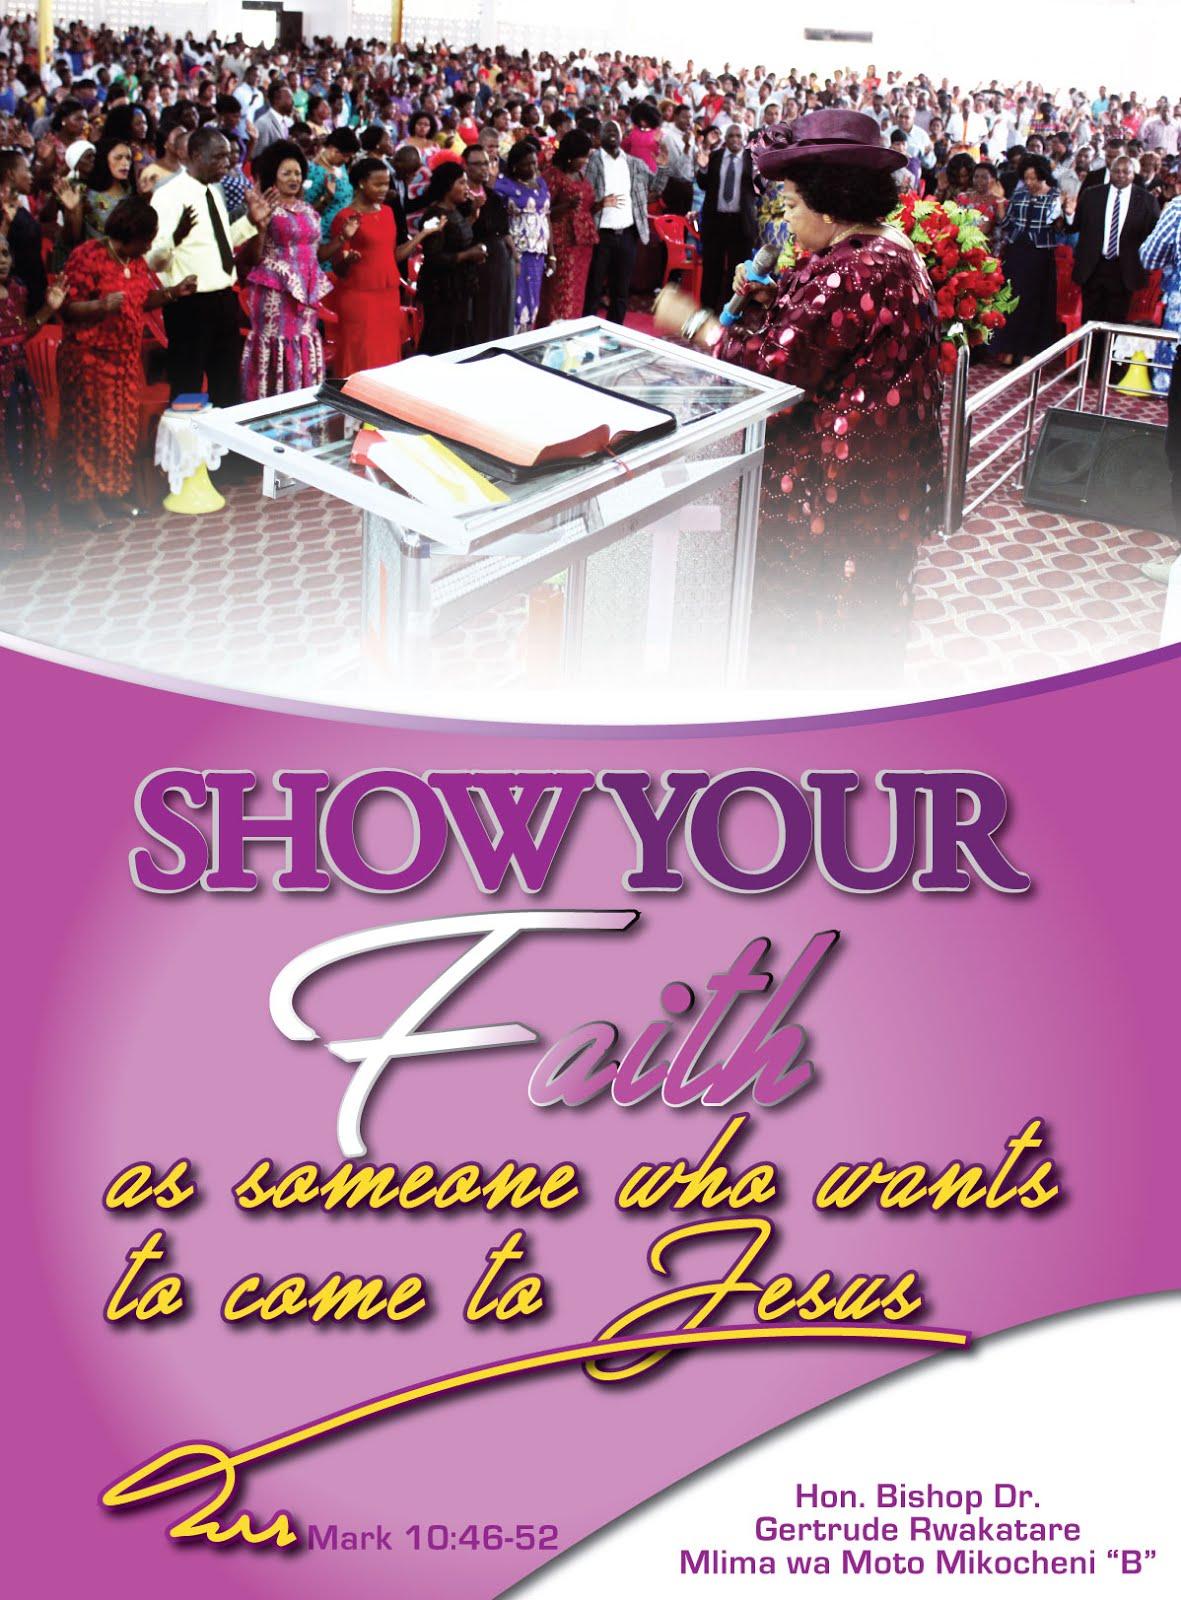 SHOW YOUR FAITH